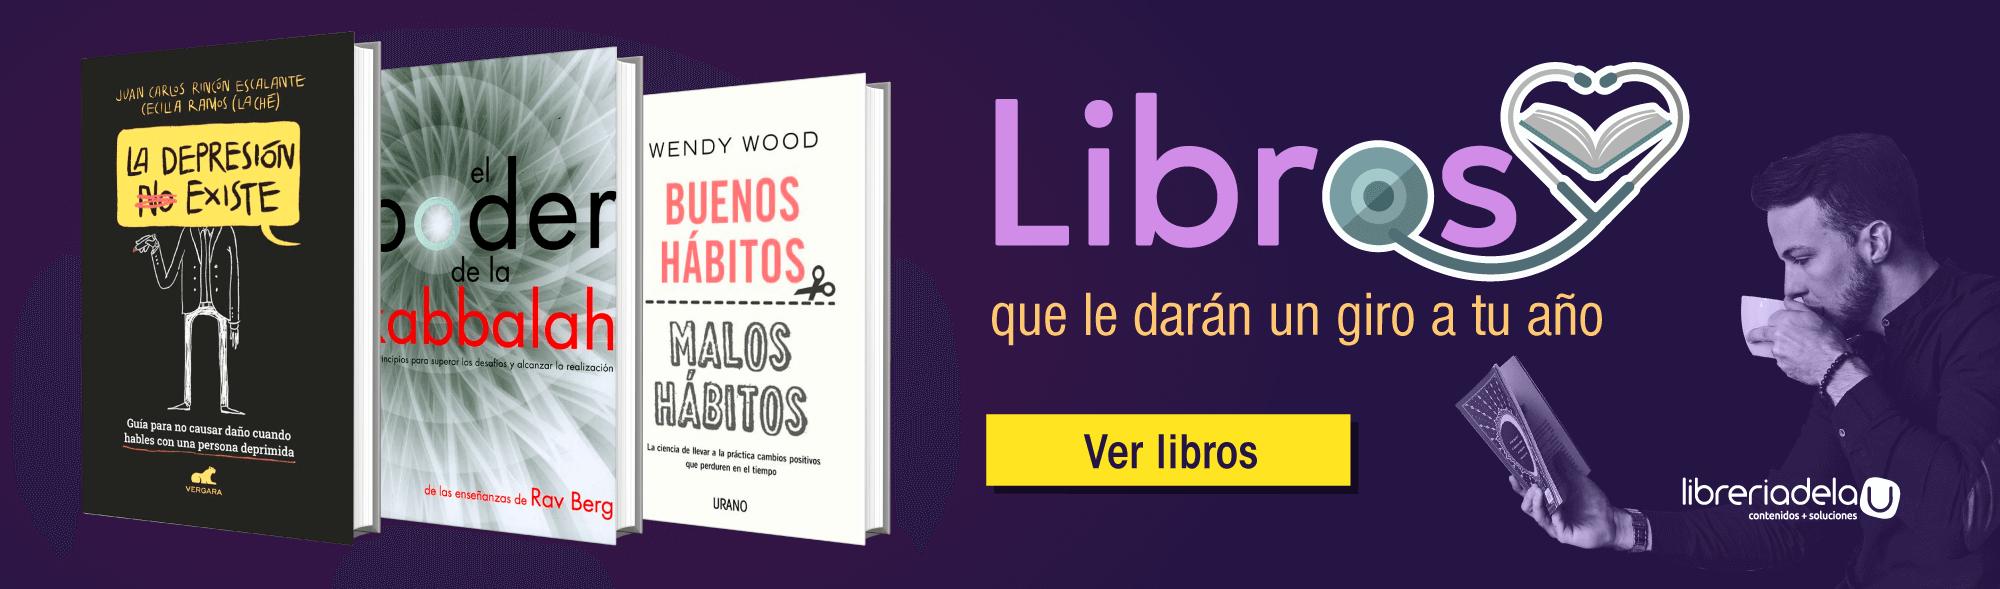 LibreriadelaU, libros impresos, ebooks, revistas y mucho más